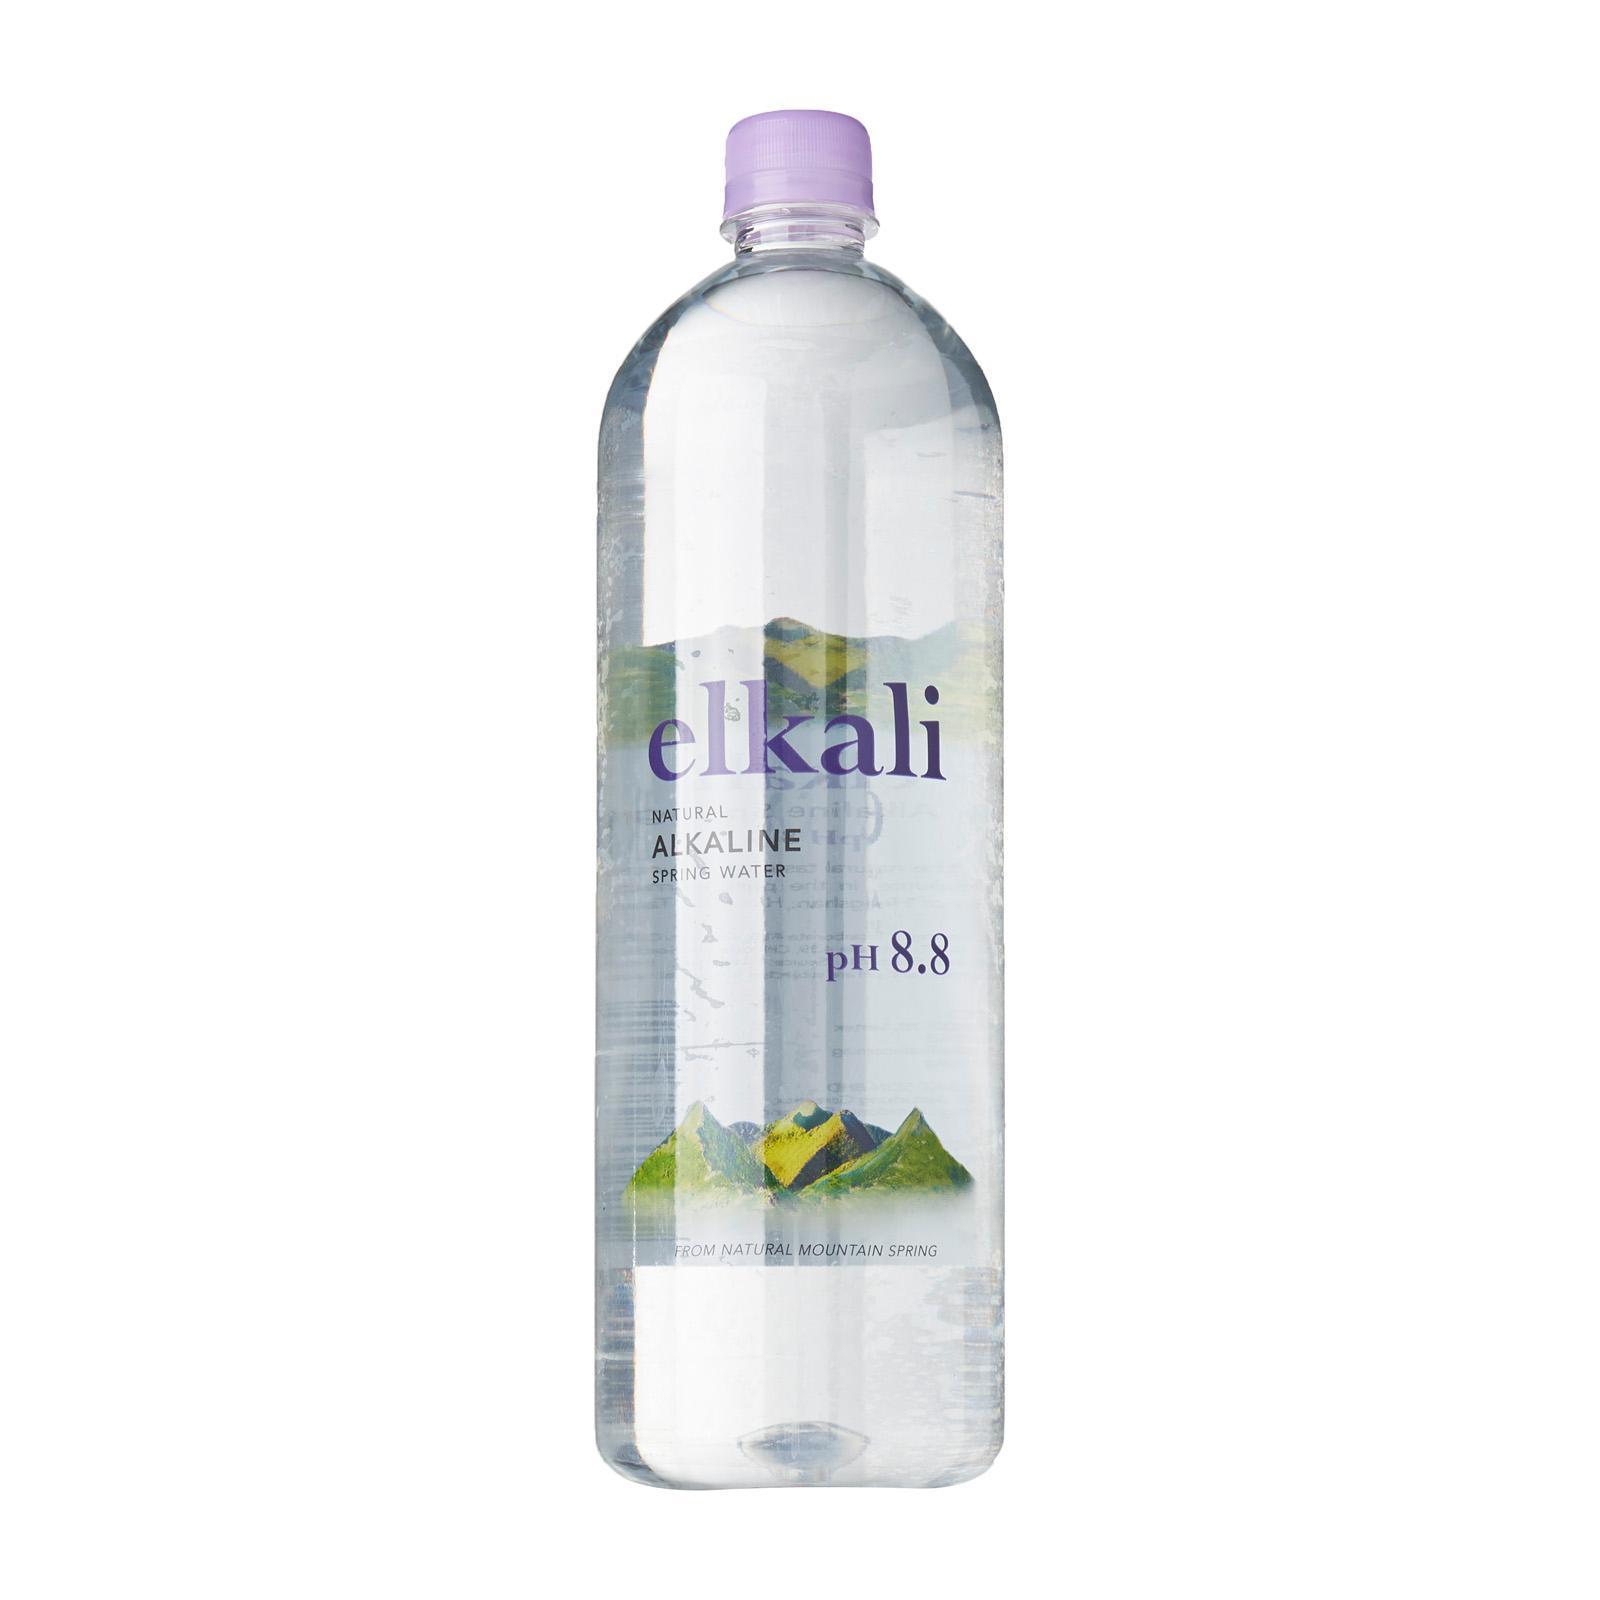 Elkali Natural Alkaline Spring Water 1.25L